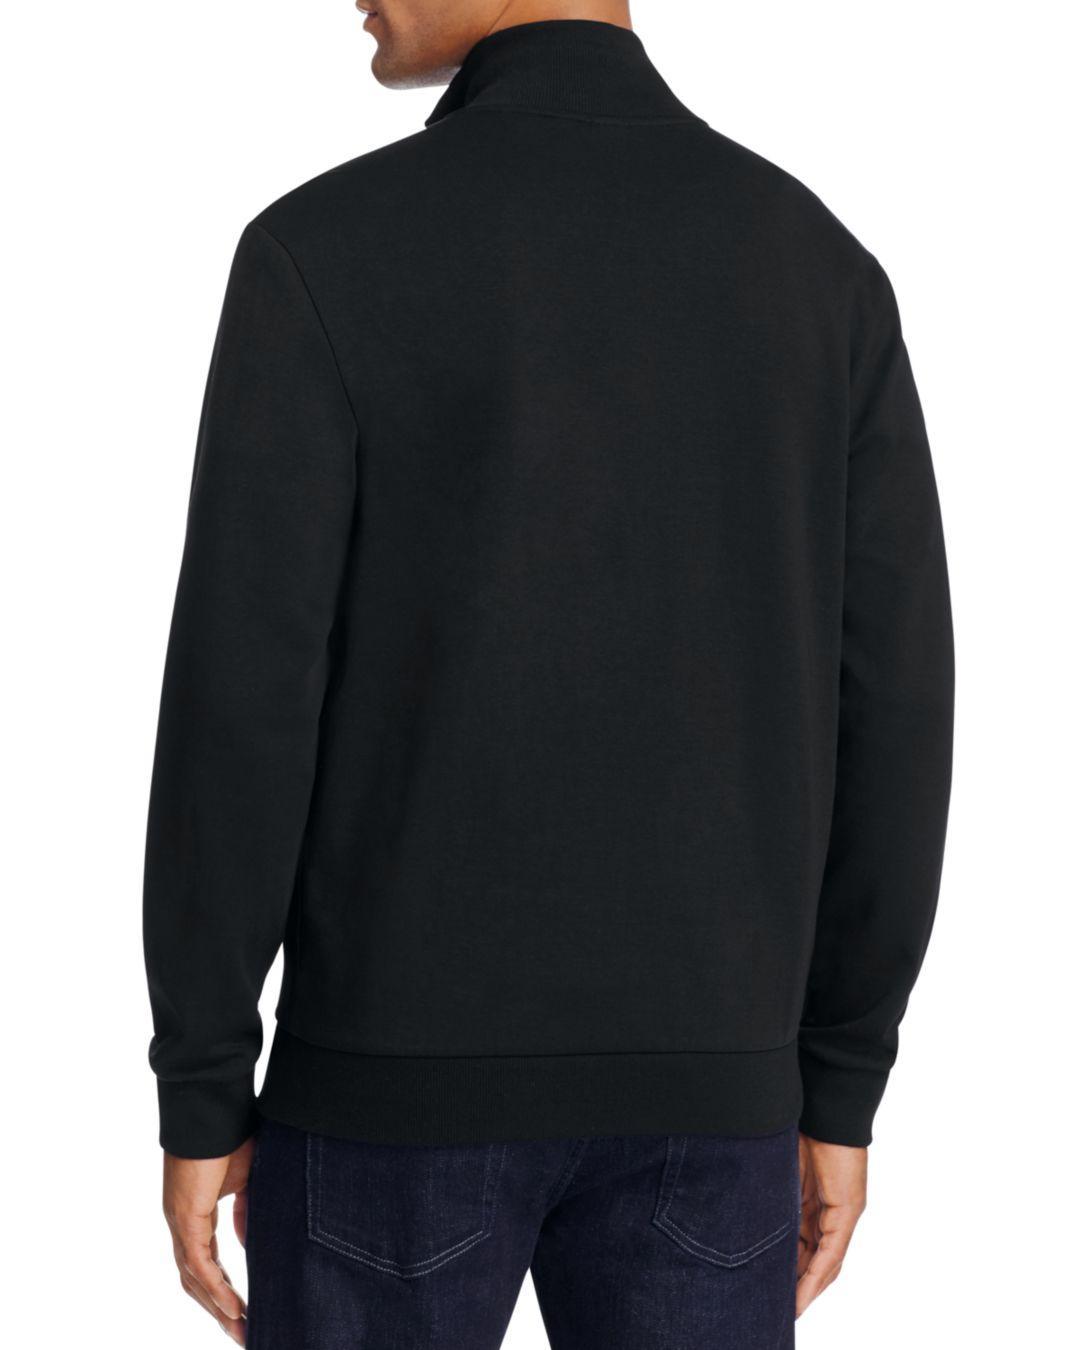 53a6a795 BOSS Boss Green Skaz Contrast Trim Zip Sweatshirt in Black for Men - Lyst